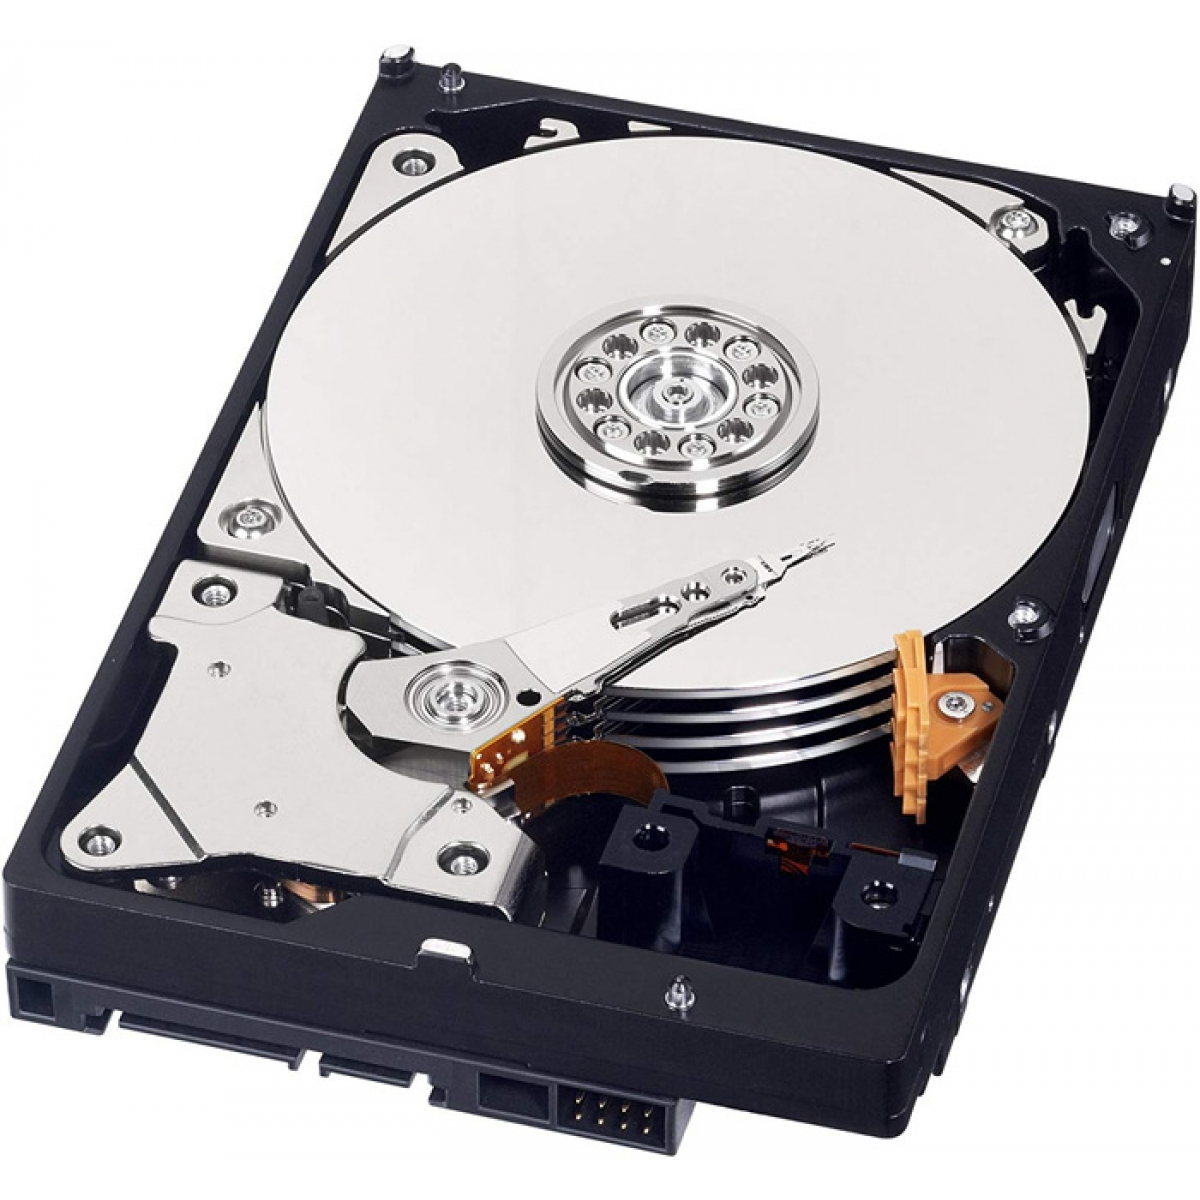 HD Western Digital Blue 3TB, Sata III, 5400RPM, 64MB, WD30EZRZ